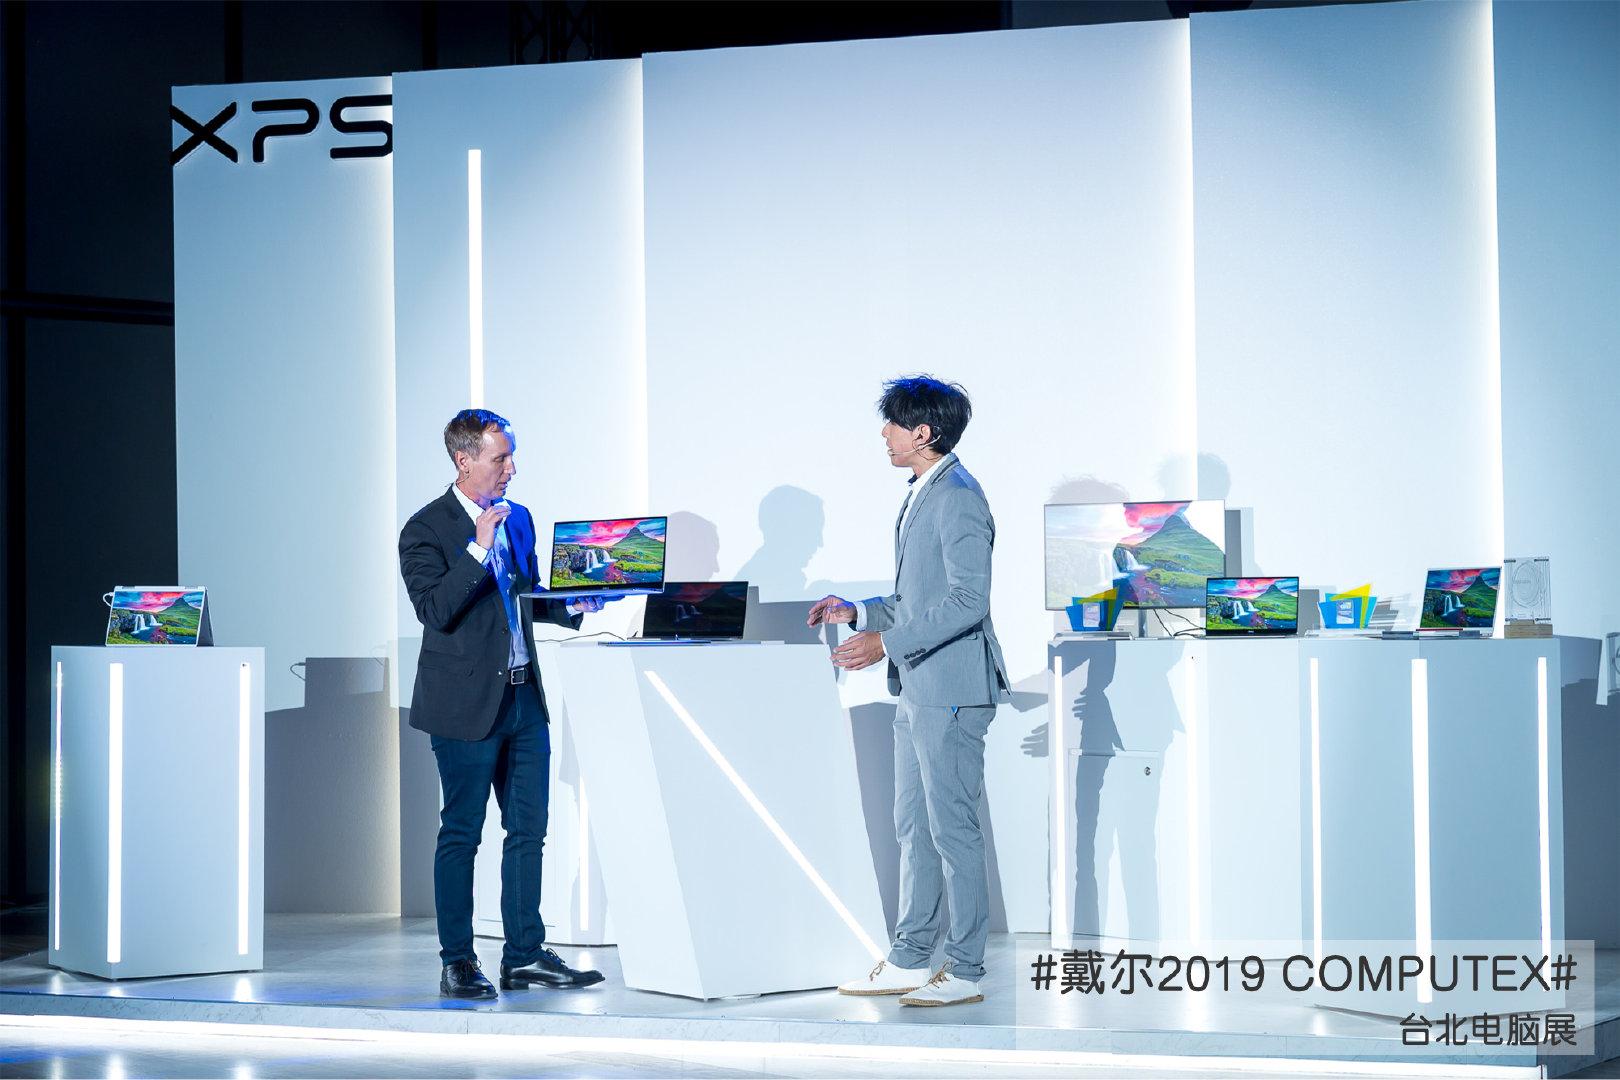 新款戴尔XPS 15上架官网, 售价8999元起!